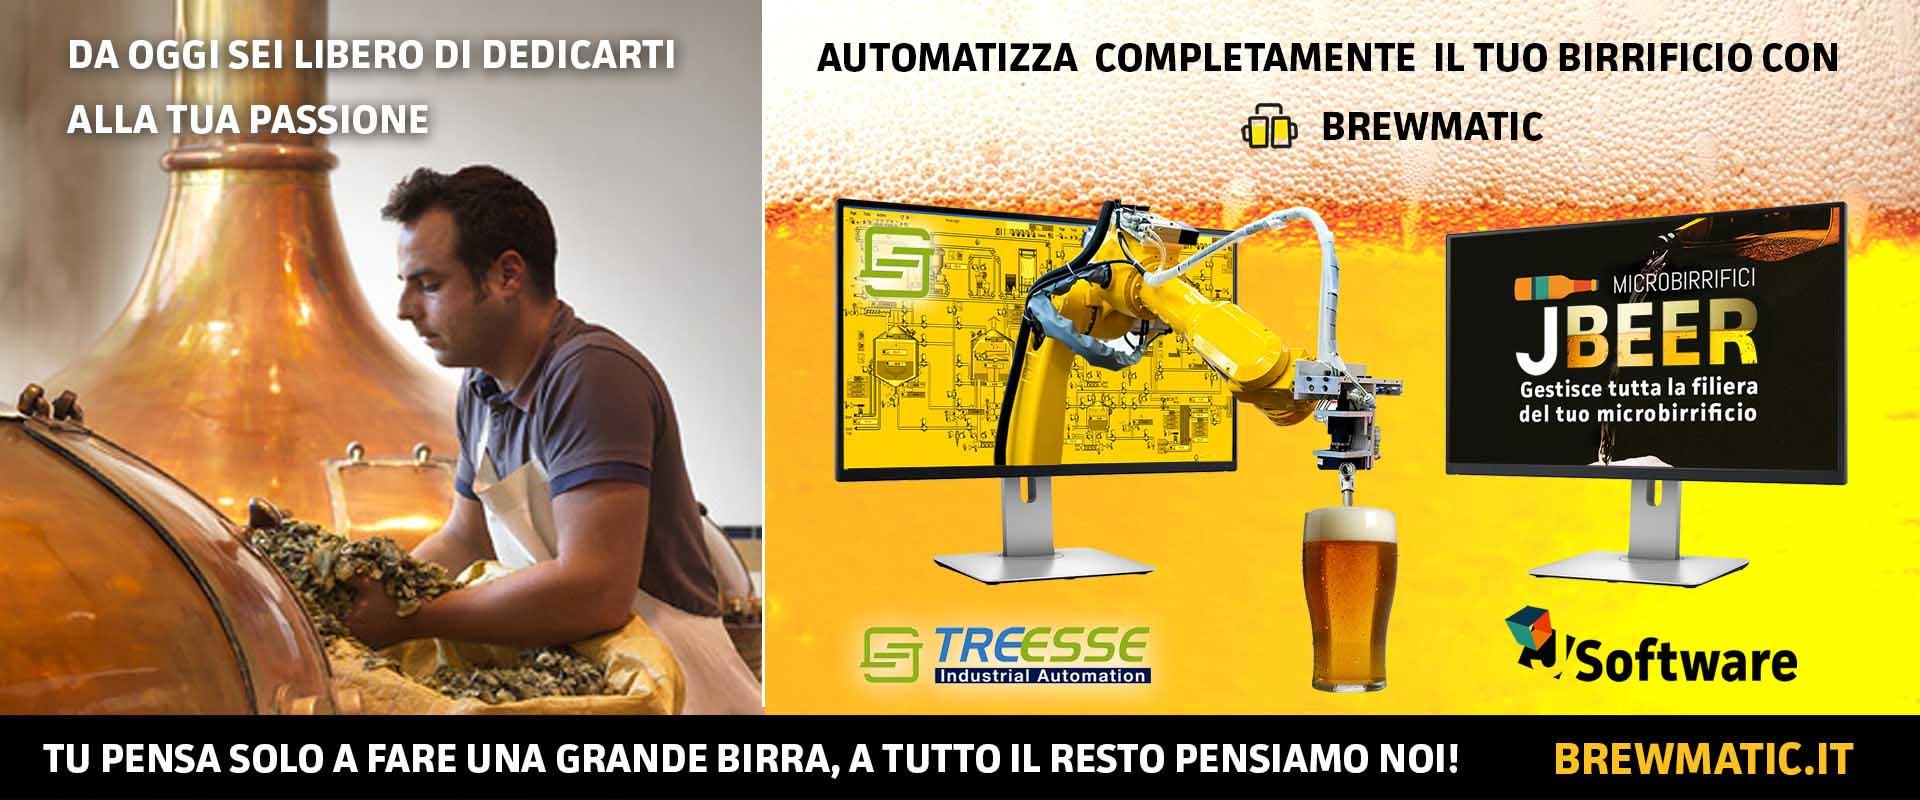 Brewmatic Software gestionale telematico e automazione del birrifico